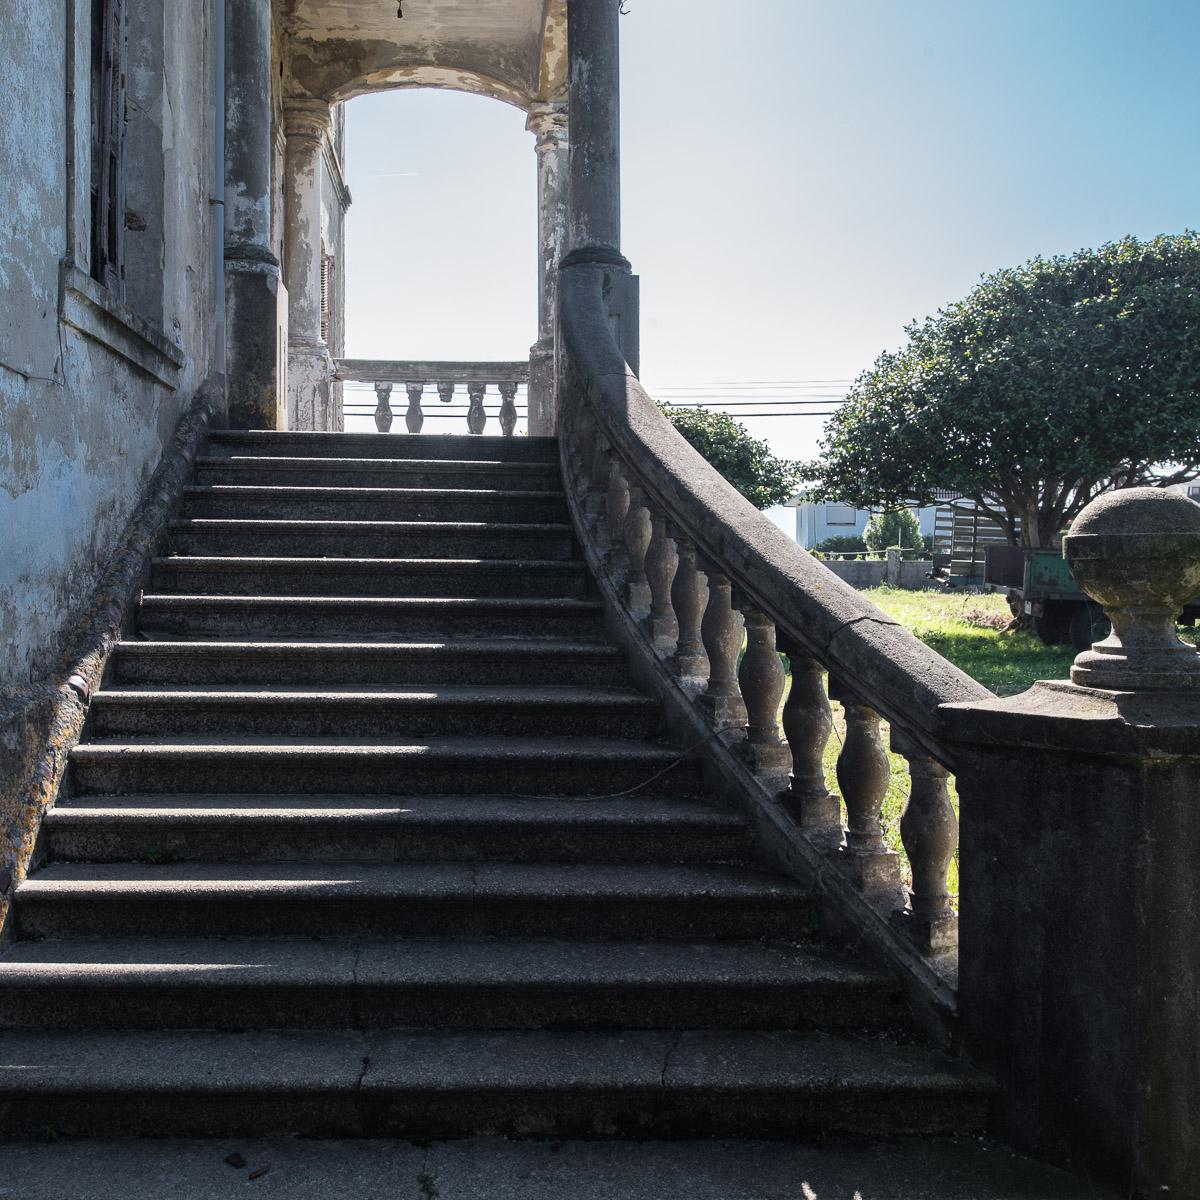 Escalera de Villa Arbosa, casa de indianos en Ortiguera, concejo de Coaña, Asturias